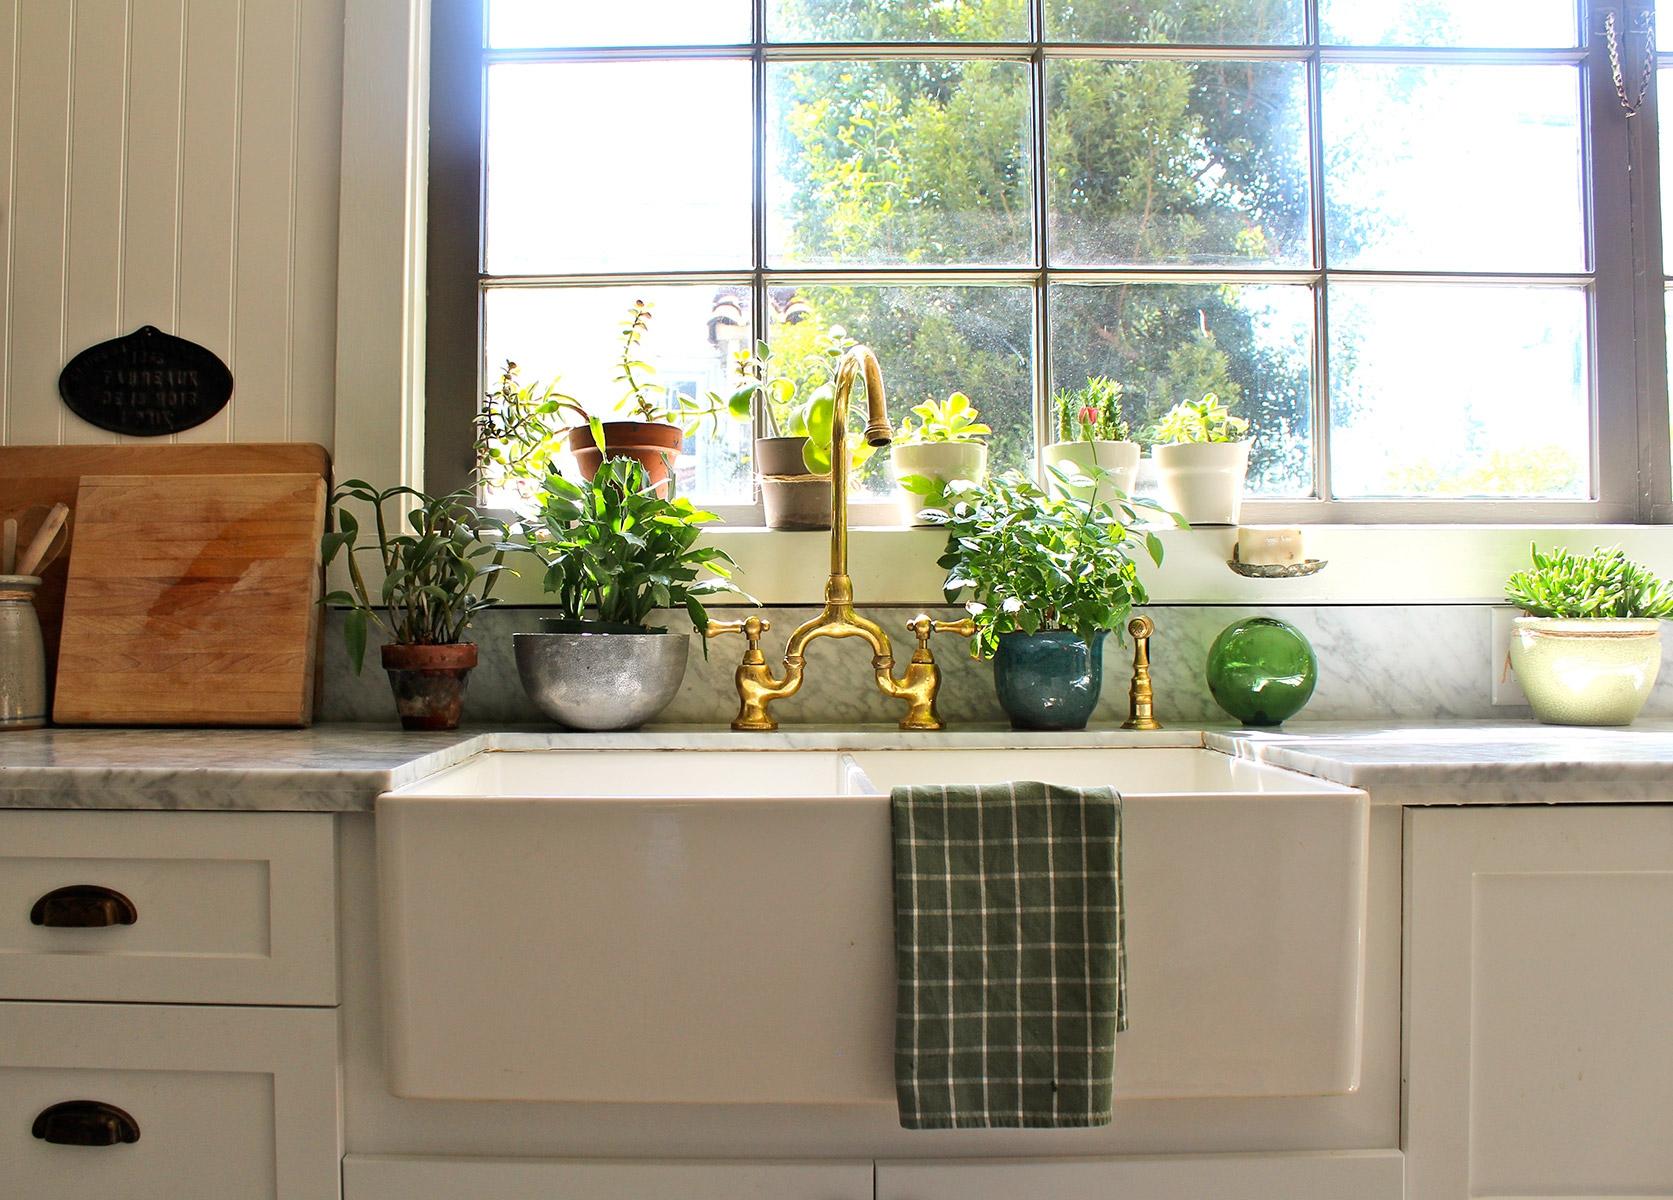 Фото комнатные цветы в интерьере кухни